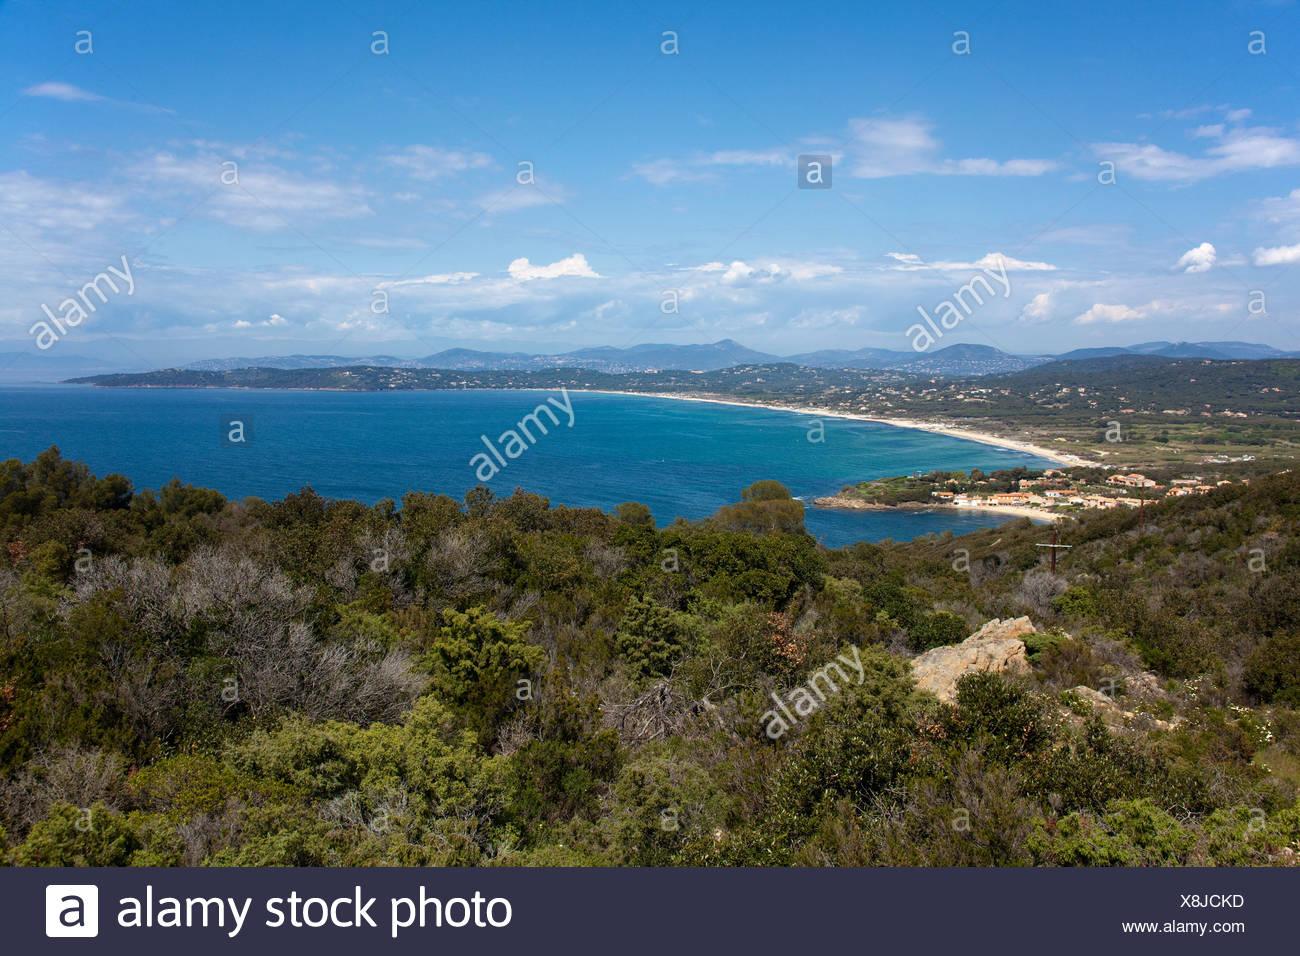 Vista sobre las playas de Saint Tropez, Alpes-Maritimes, Costa de Azur, en el sur de Francia, Francia, Europa, el mar Mediterráneo Imagen De Stock